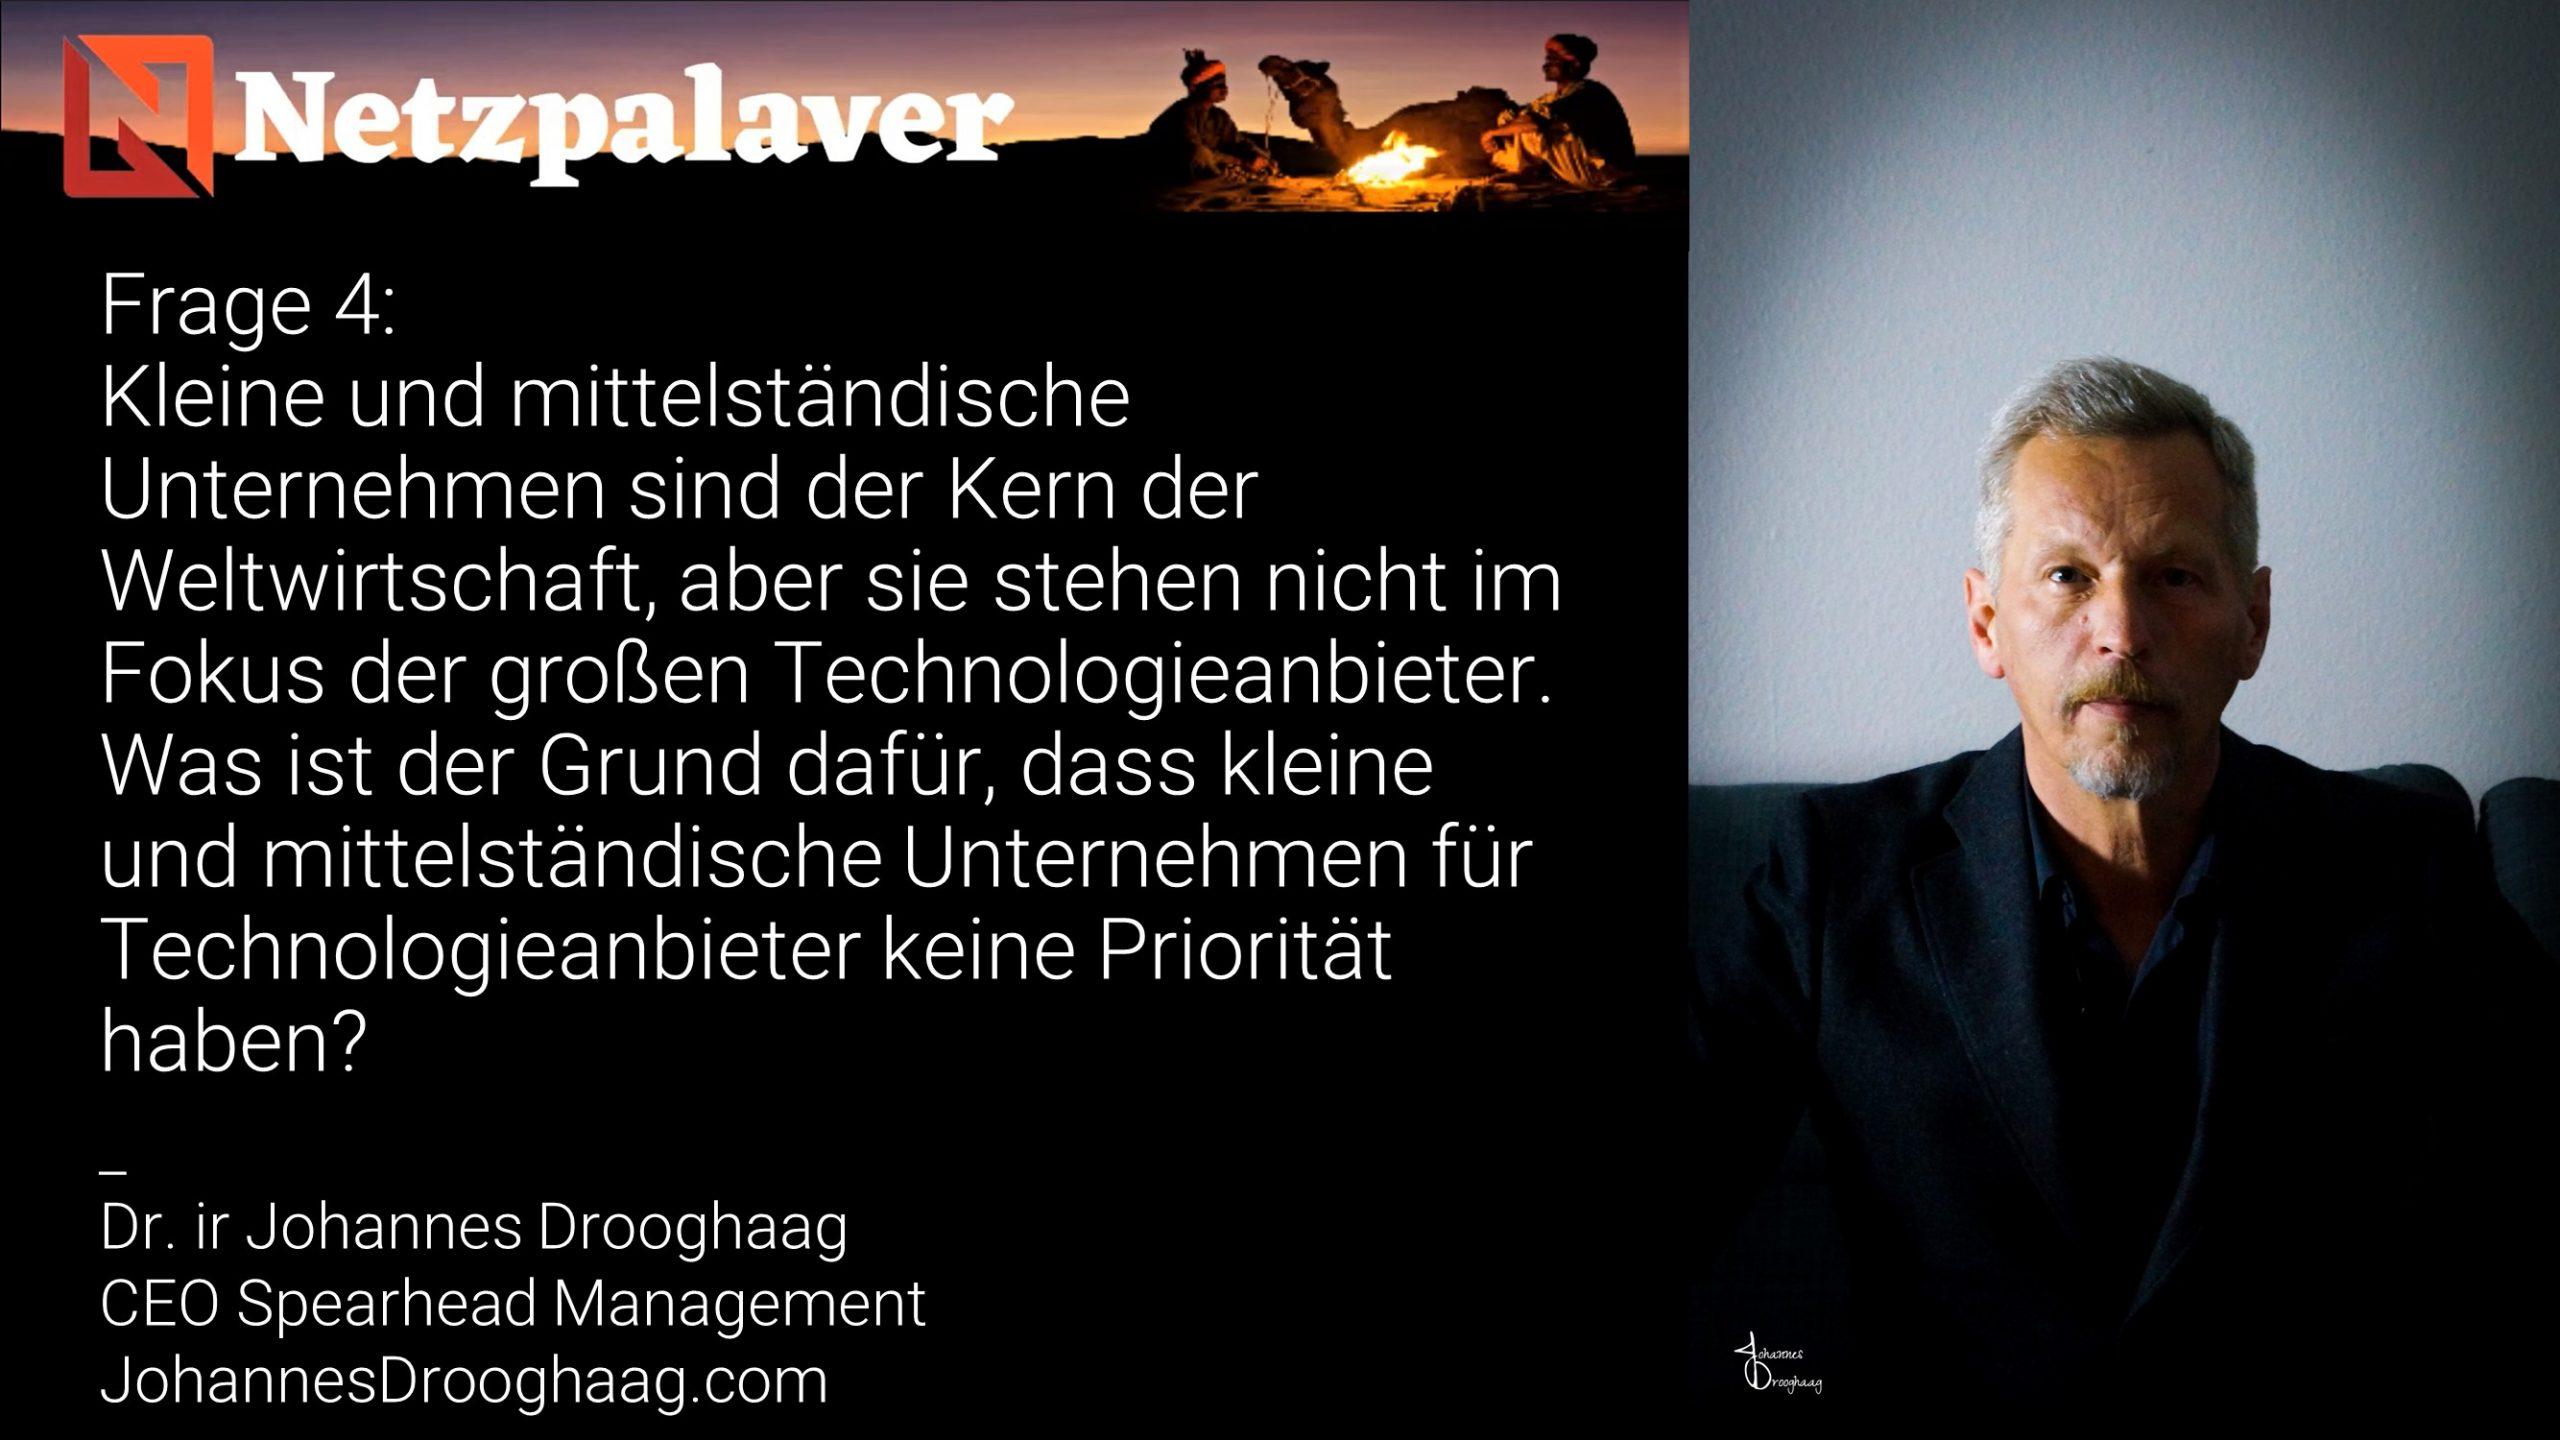 Netzpalaver: Mittelstand und Digitalisierung - Frage 4